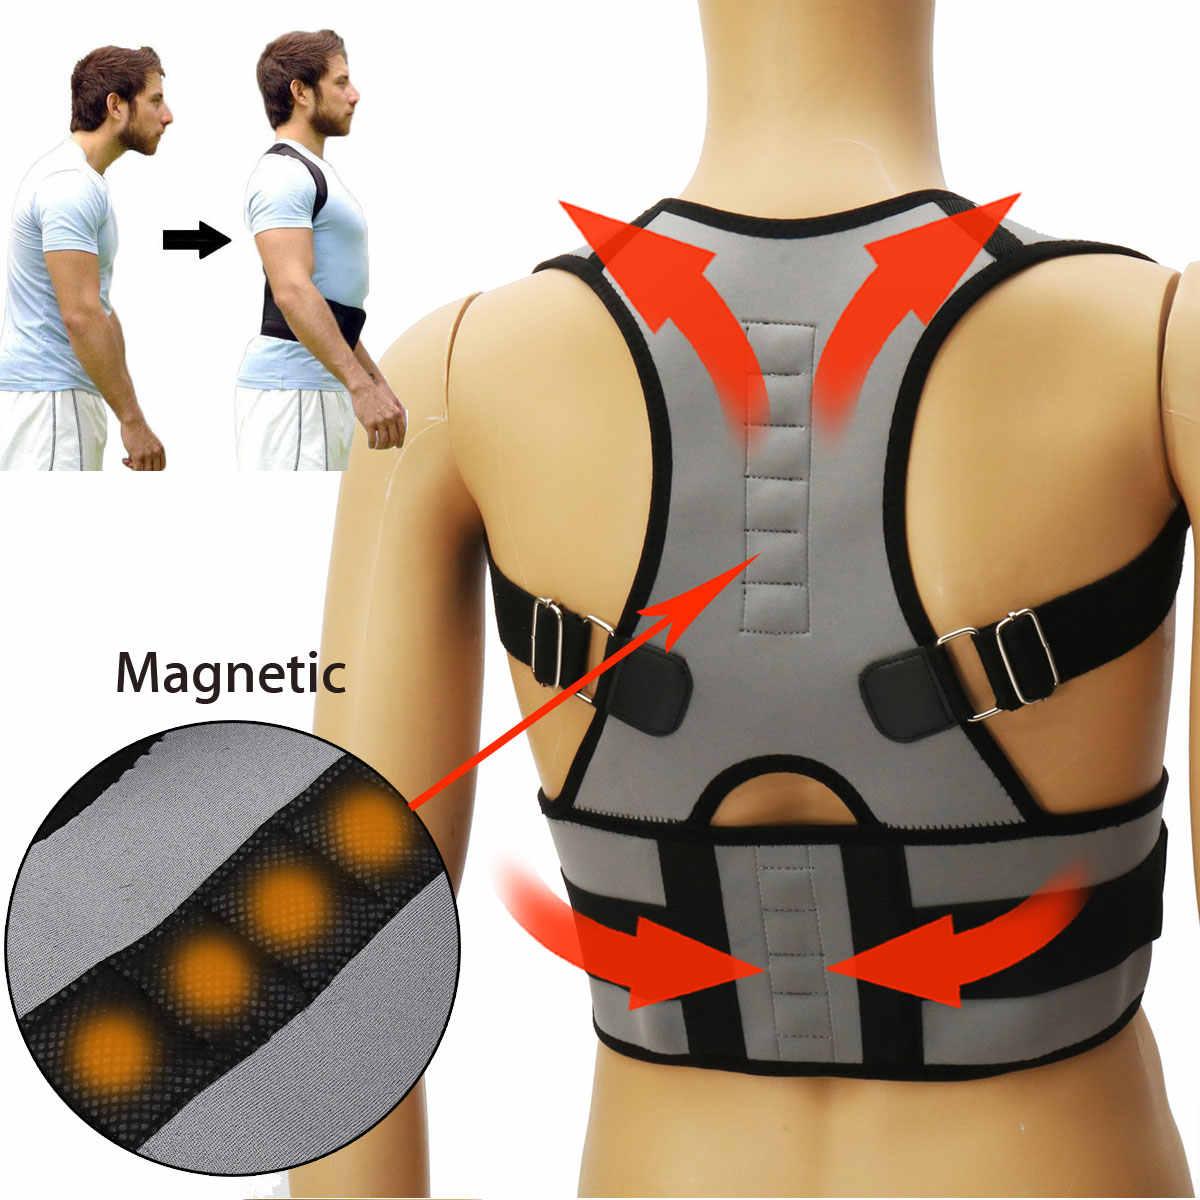 SGODDE Магнитная терапия студент Регулируемый назад корсет плечо поясничного Корректор осанки бинты корсет для поддержки осанки поддержка